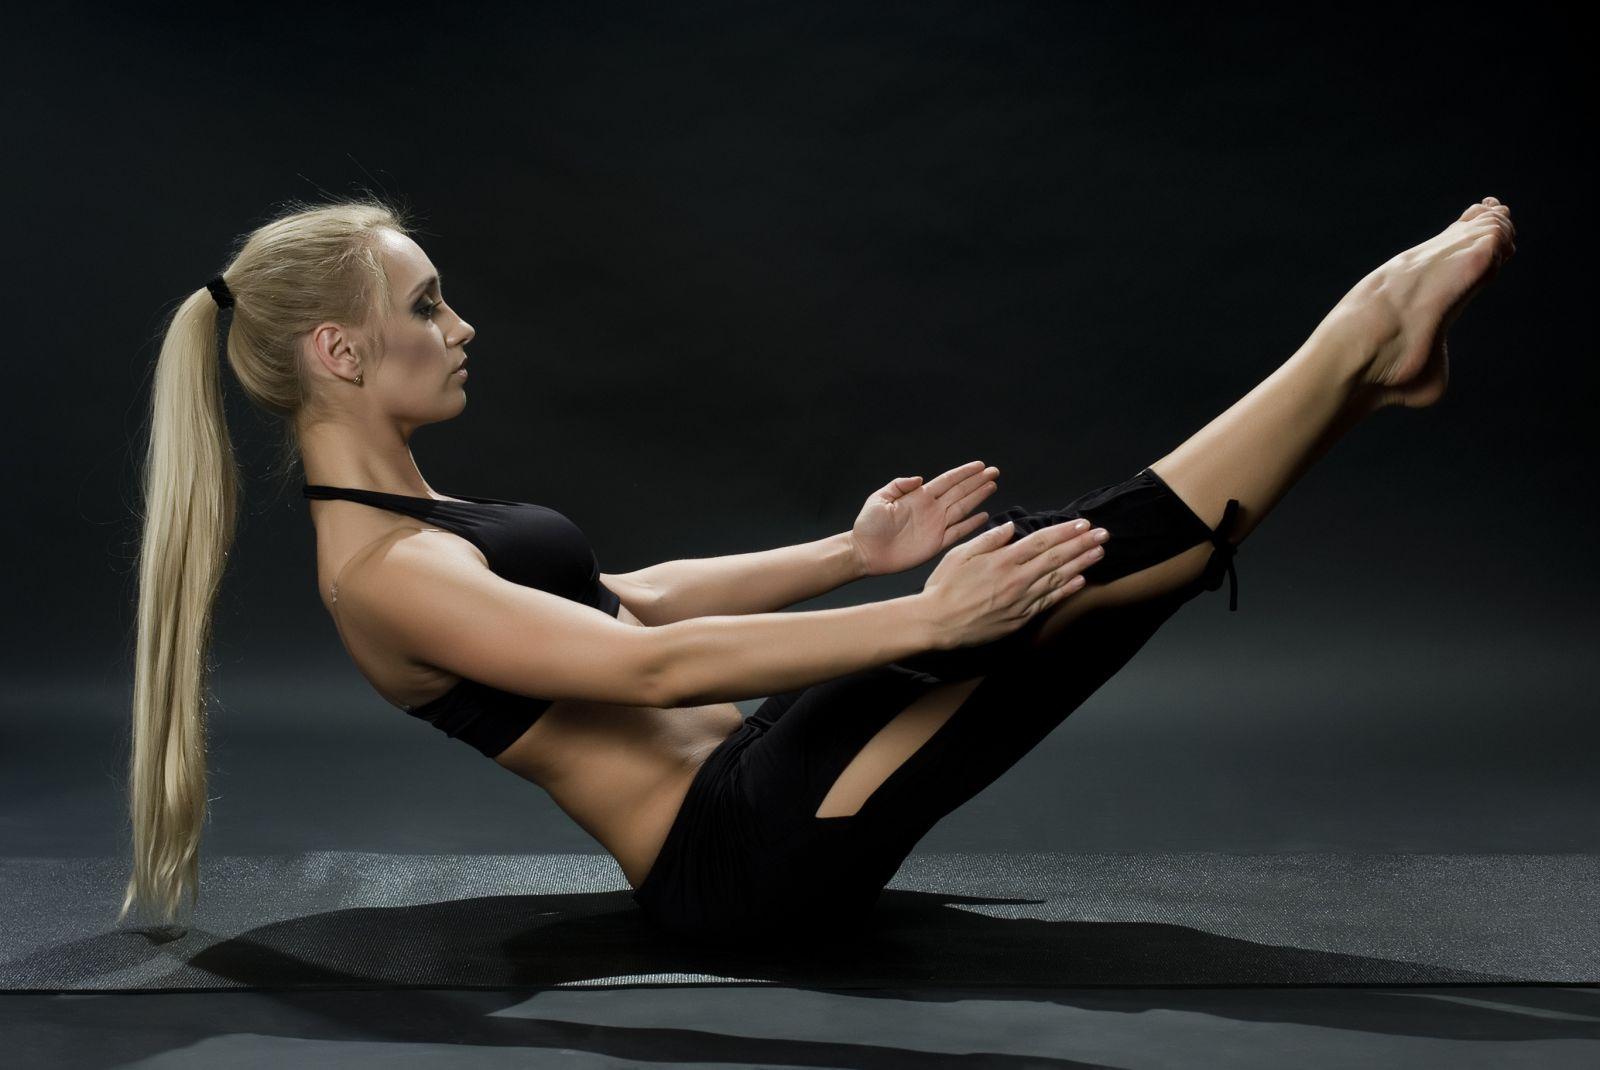 Самая эффективная тренировка для похудения в домашних условиях 75